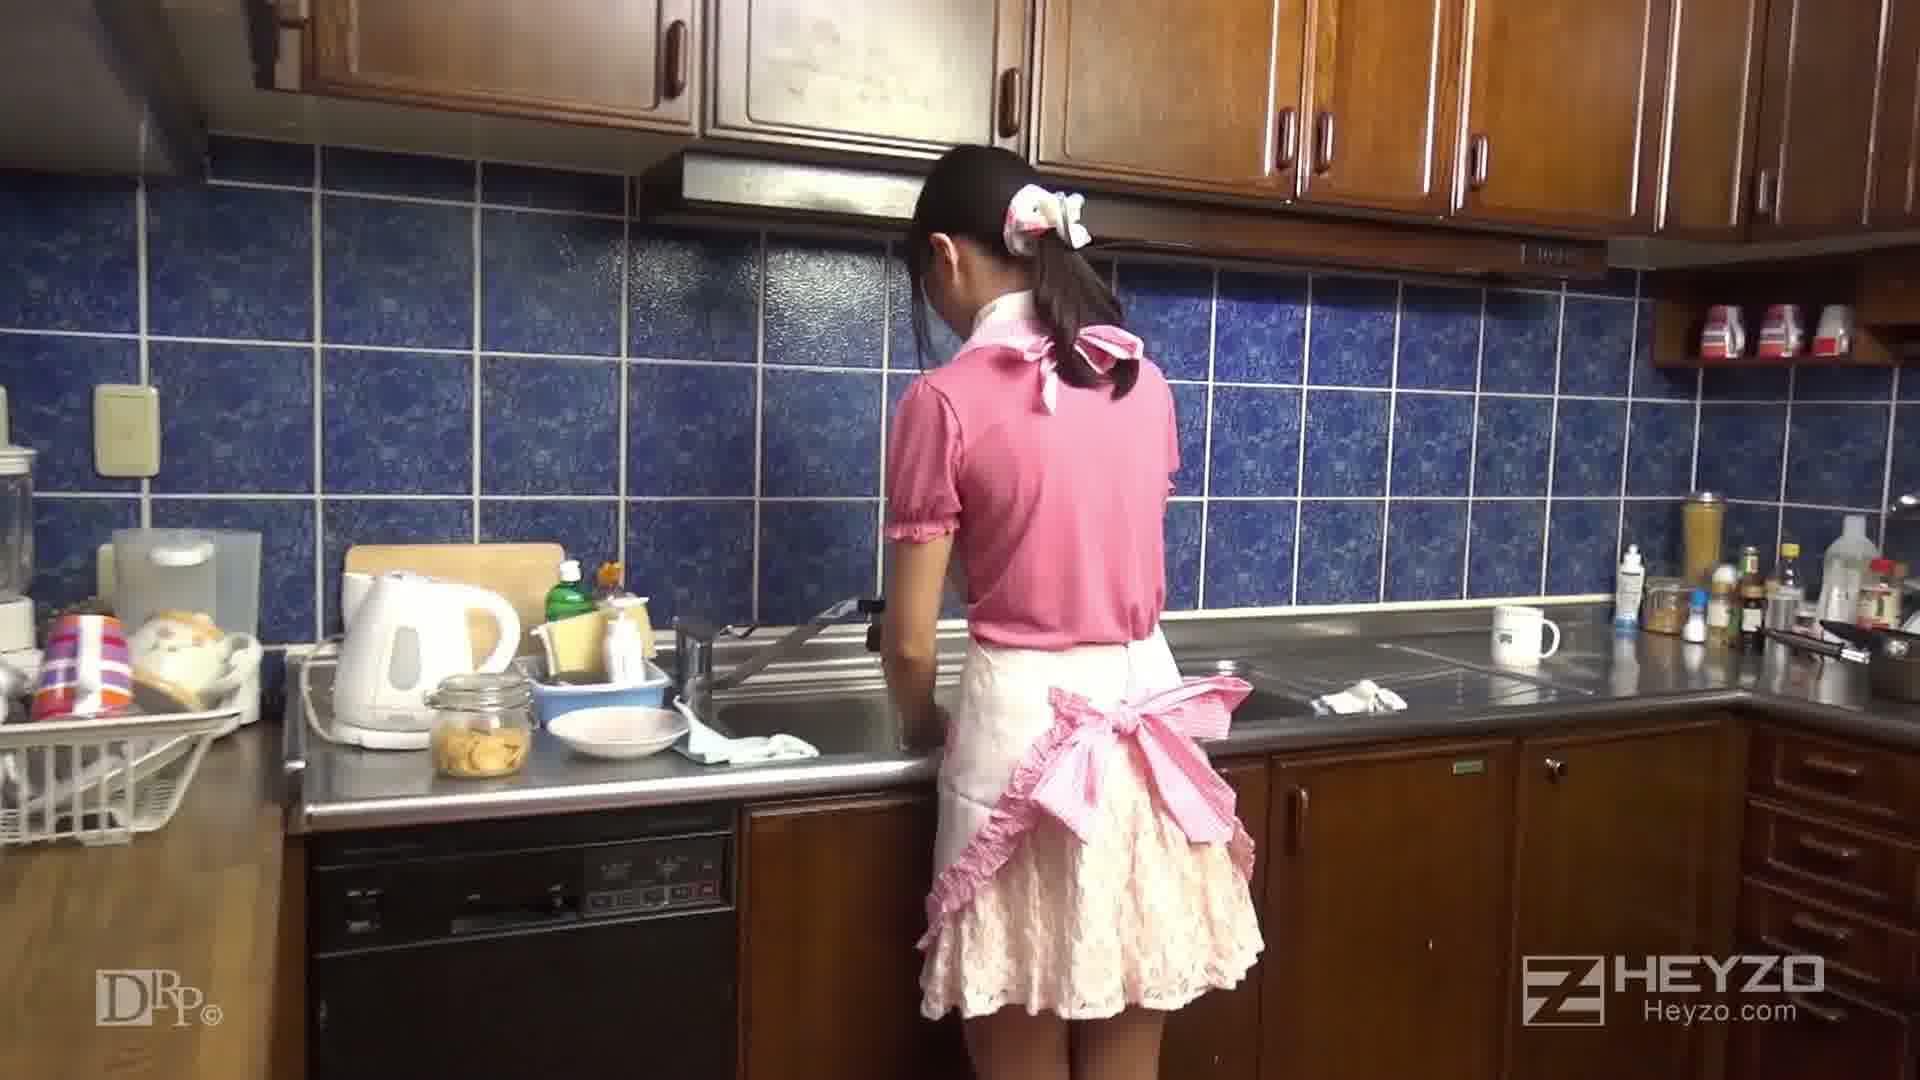 彼女をAVデビューさせちゃいました - 舞坂仁美【キッチン 裸エプロン ピンクエプロン ビデオ】